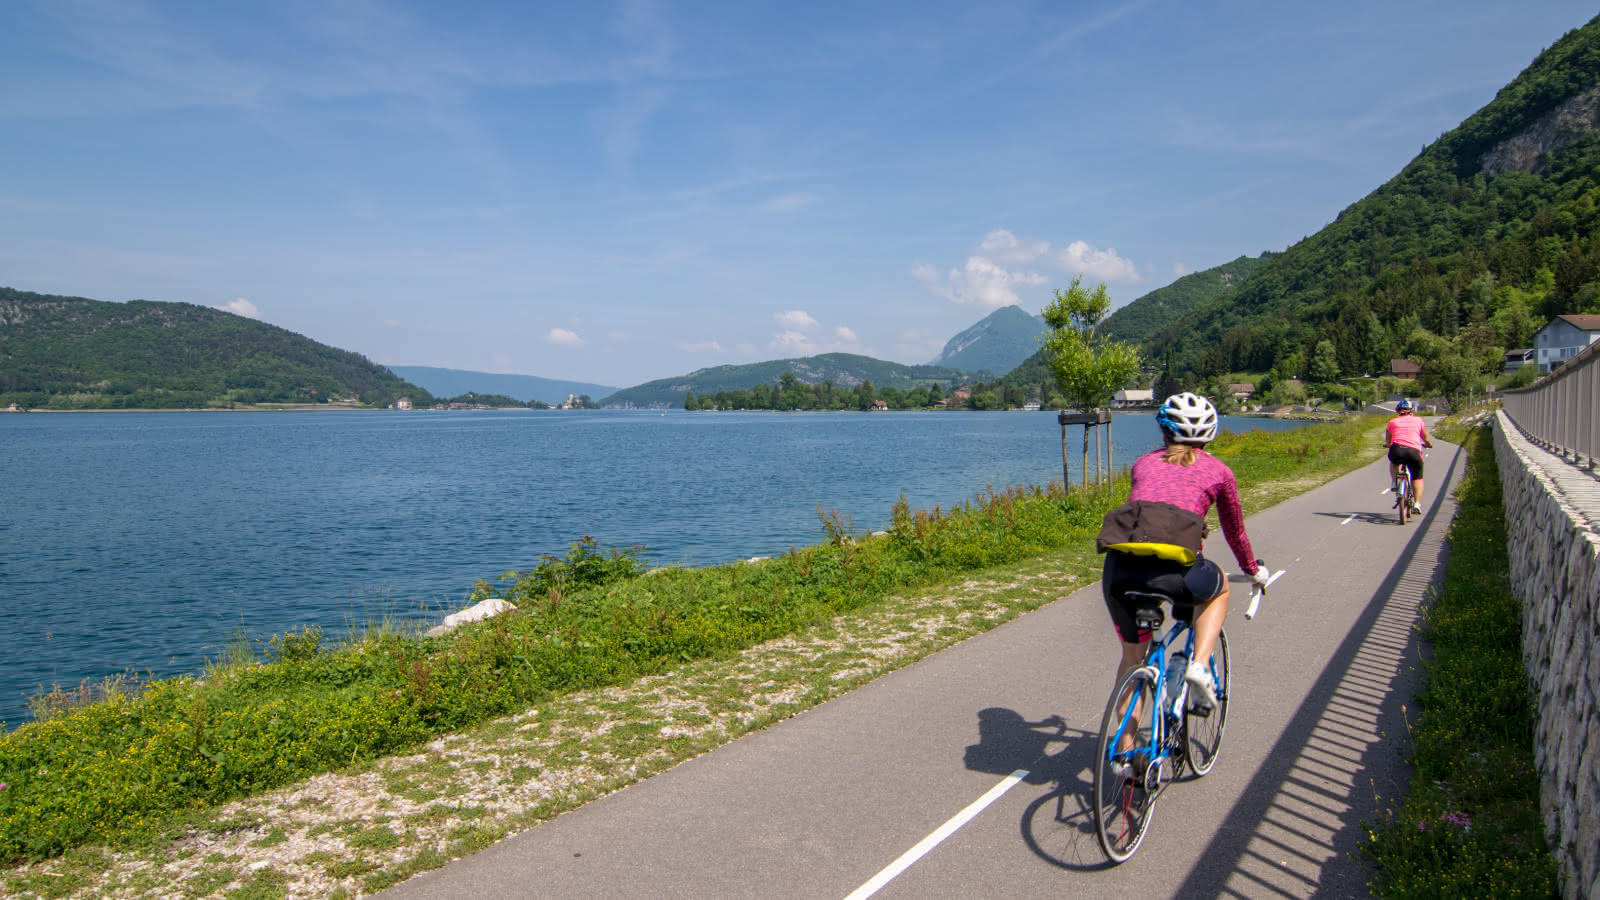 Vélo sur la voie verte autour du lac d'Annecy - Talloires